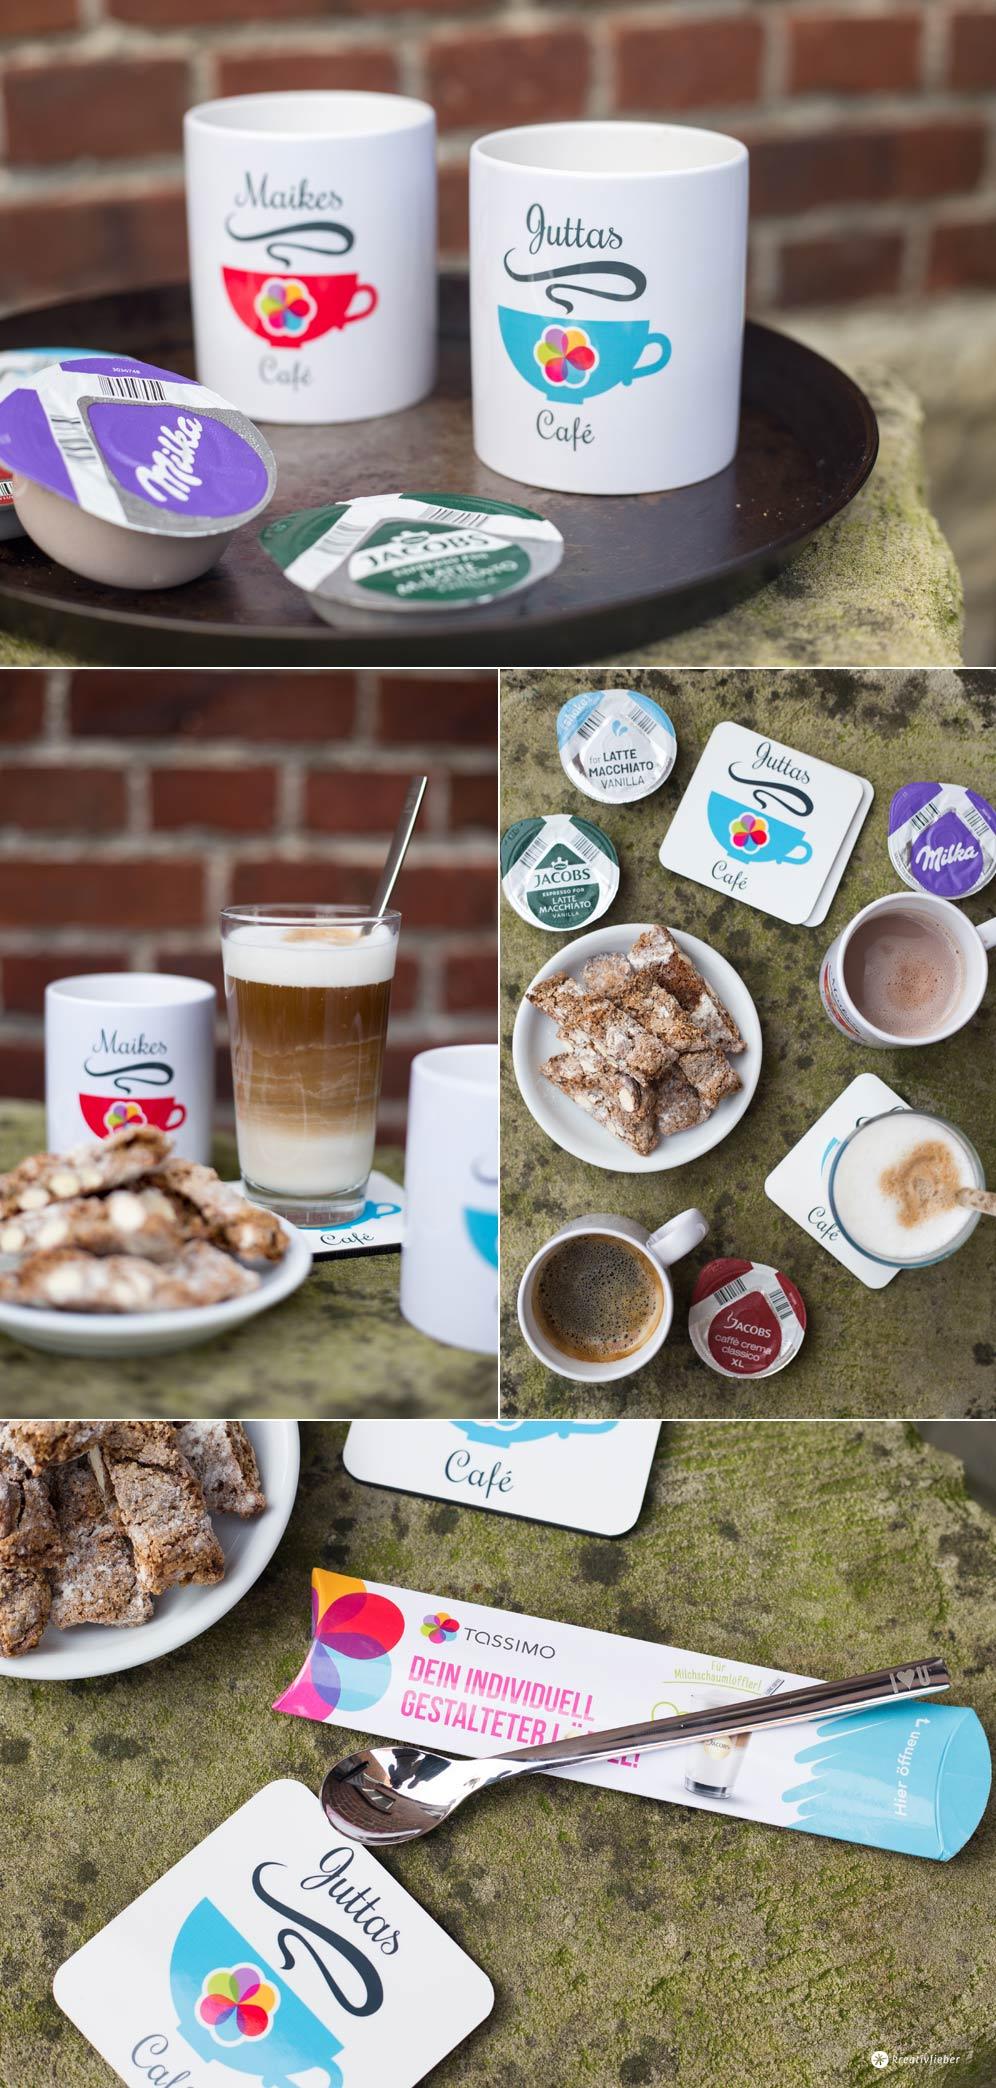 MachdeineigenesCafe mit Tassimo und Rezept für Kaffee Cantuccini Stangen